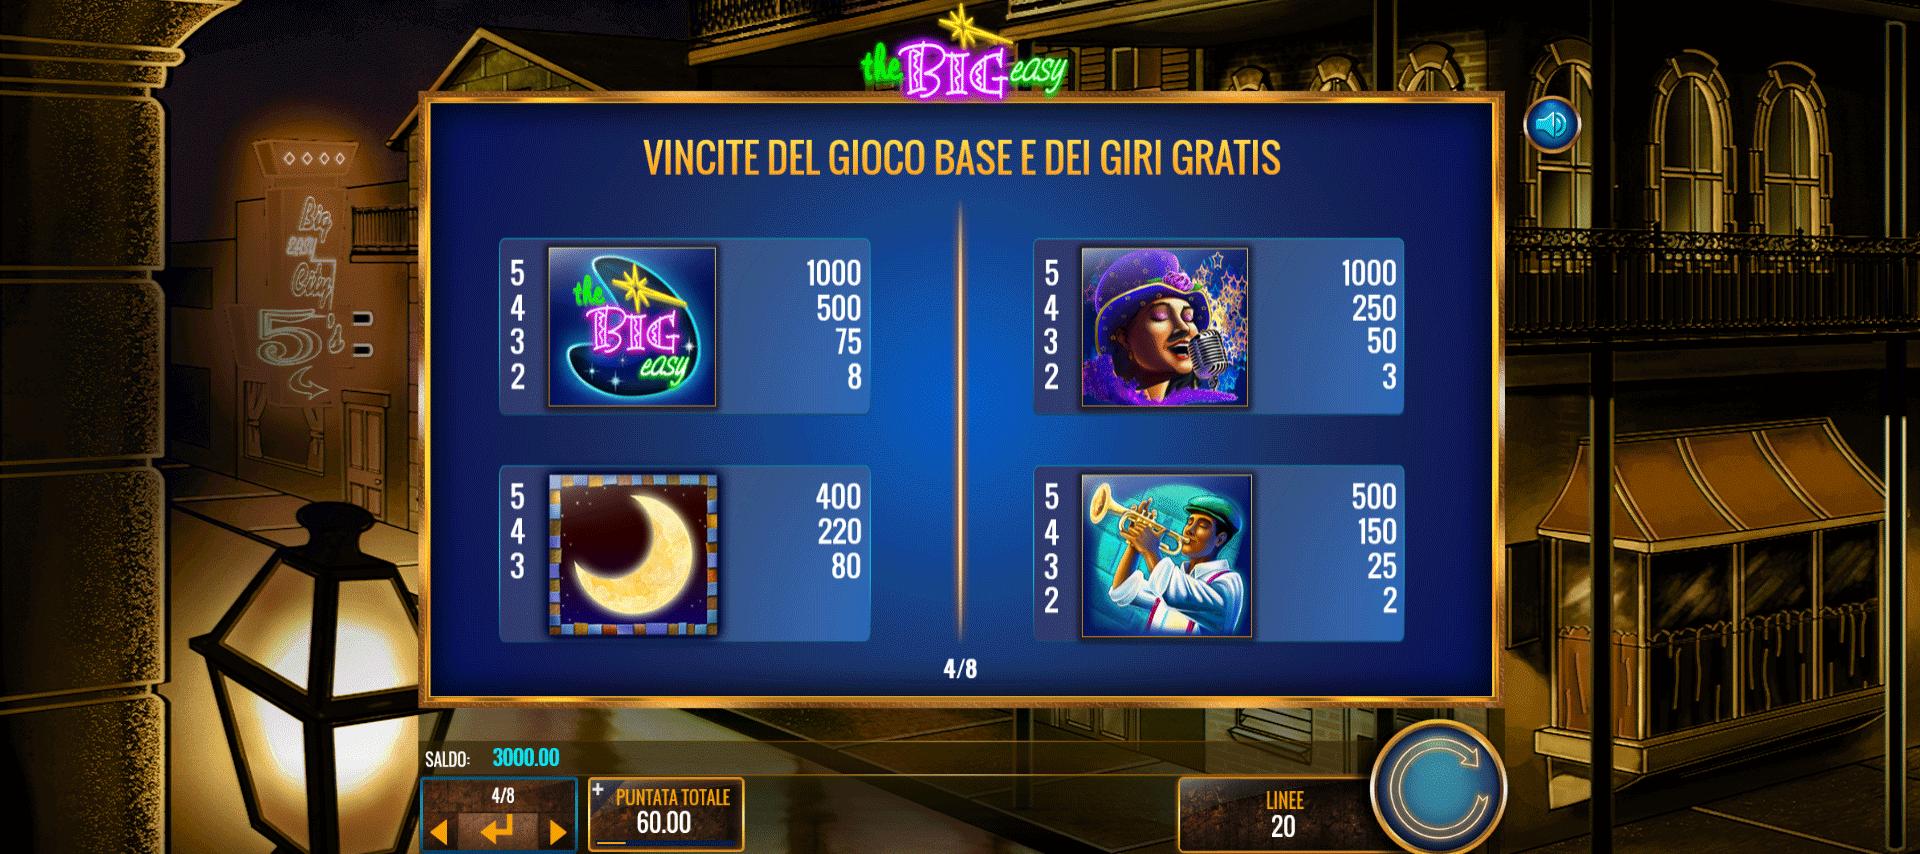 tabella delle vincite della slot machine the big easy